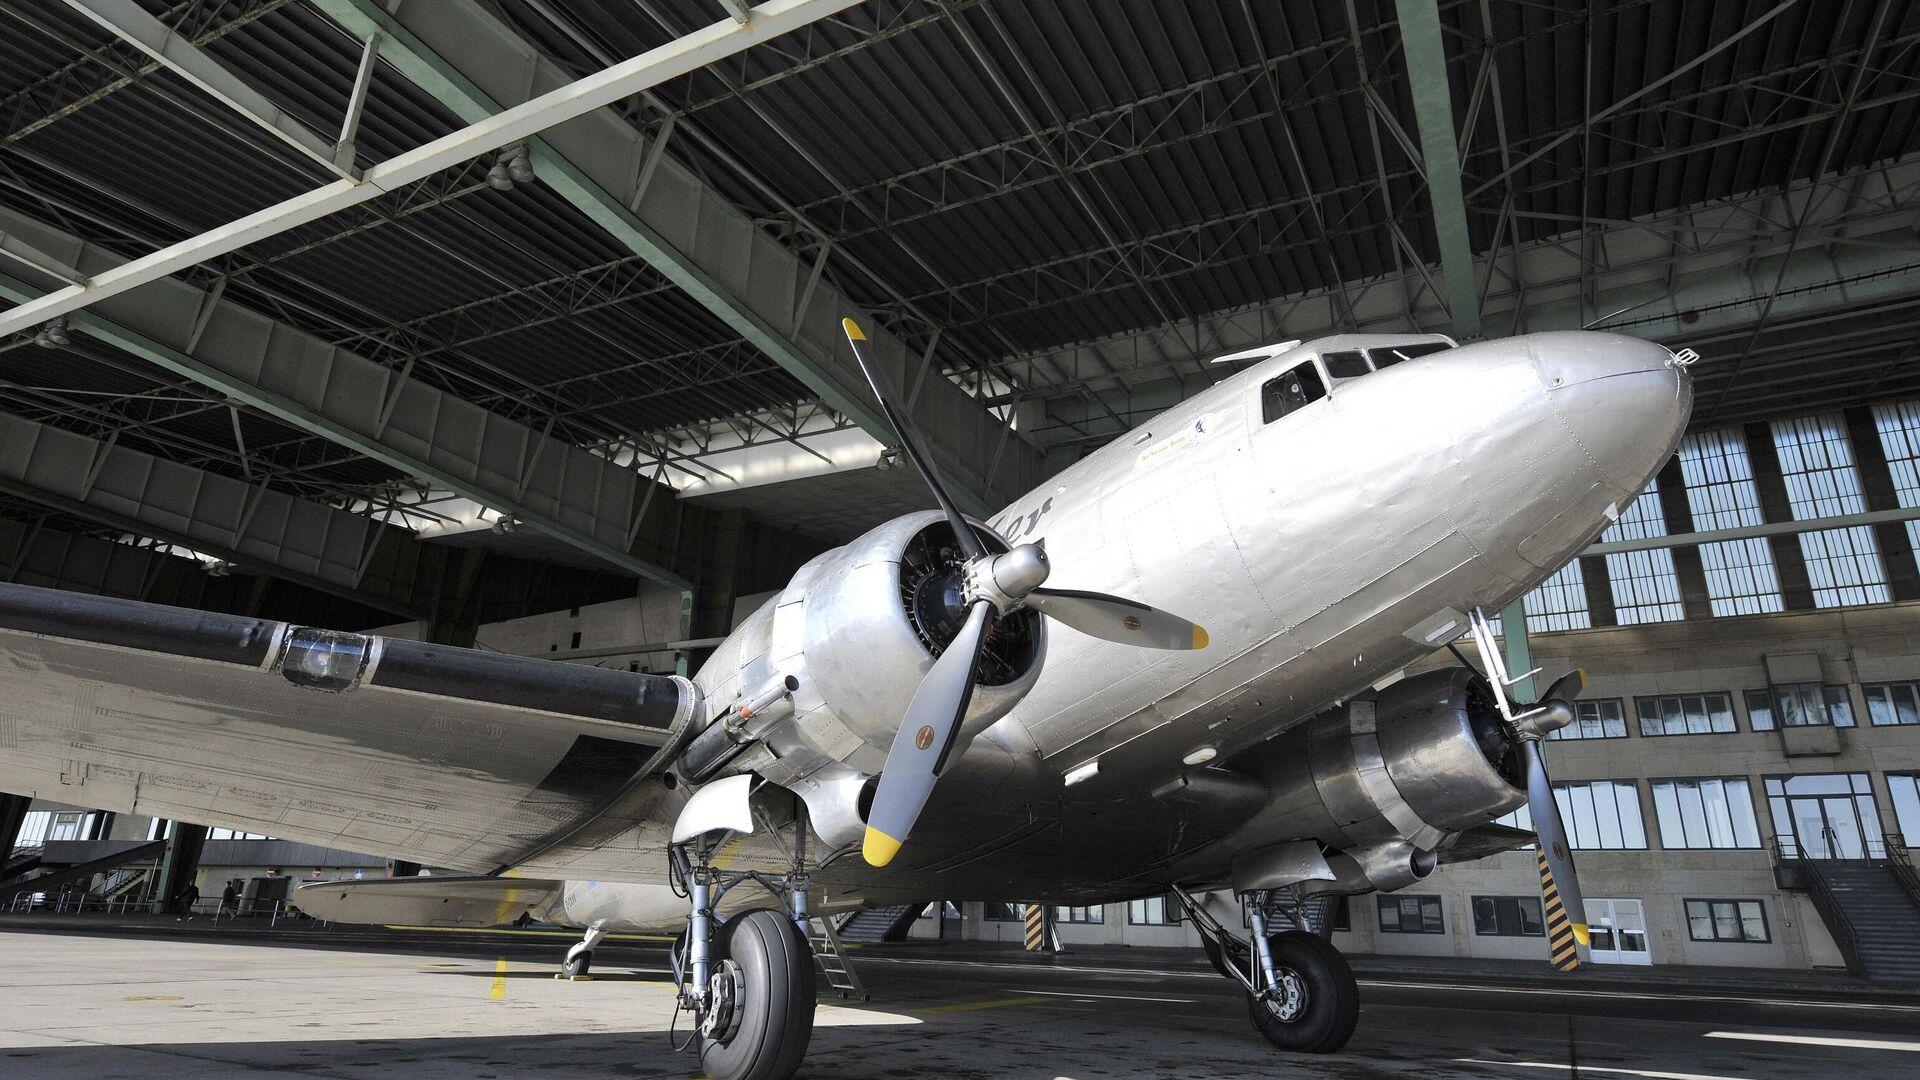 Avión tipo Douglas DC-3 - Sputnik Mundo, 1920, 10.07.2021